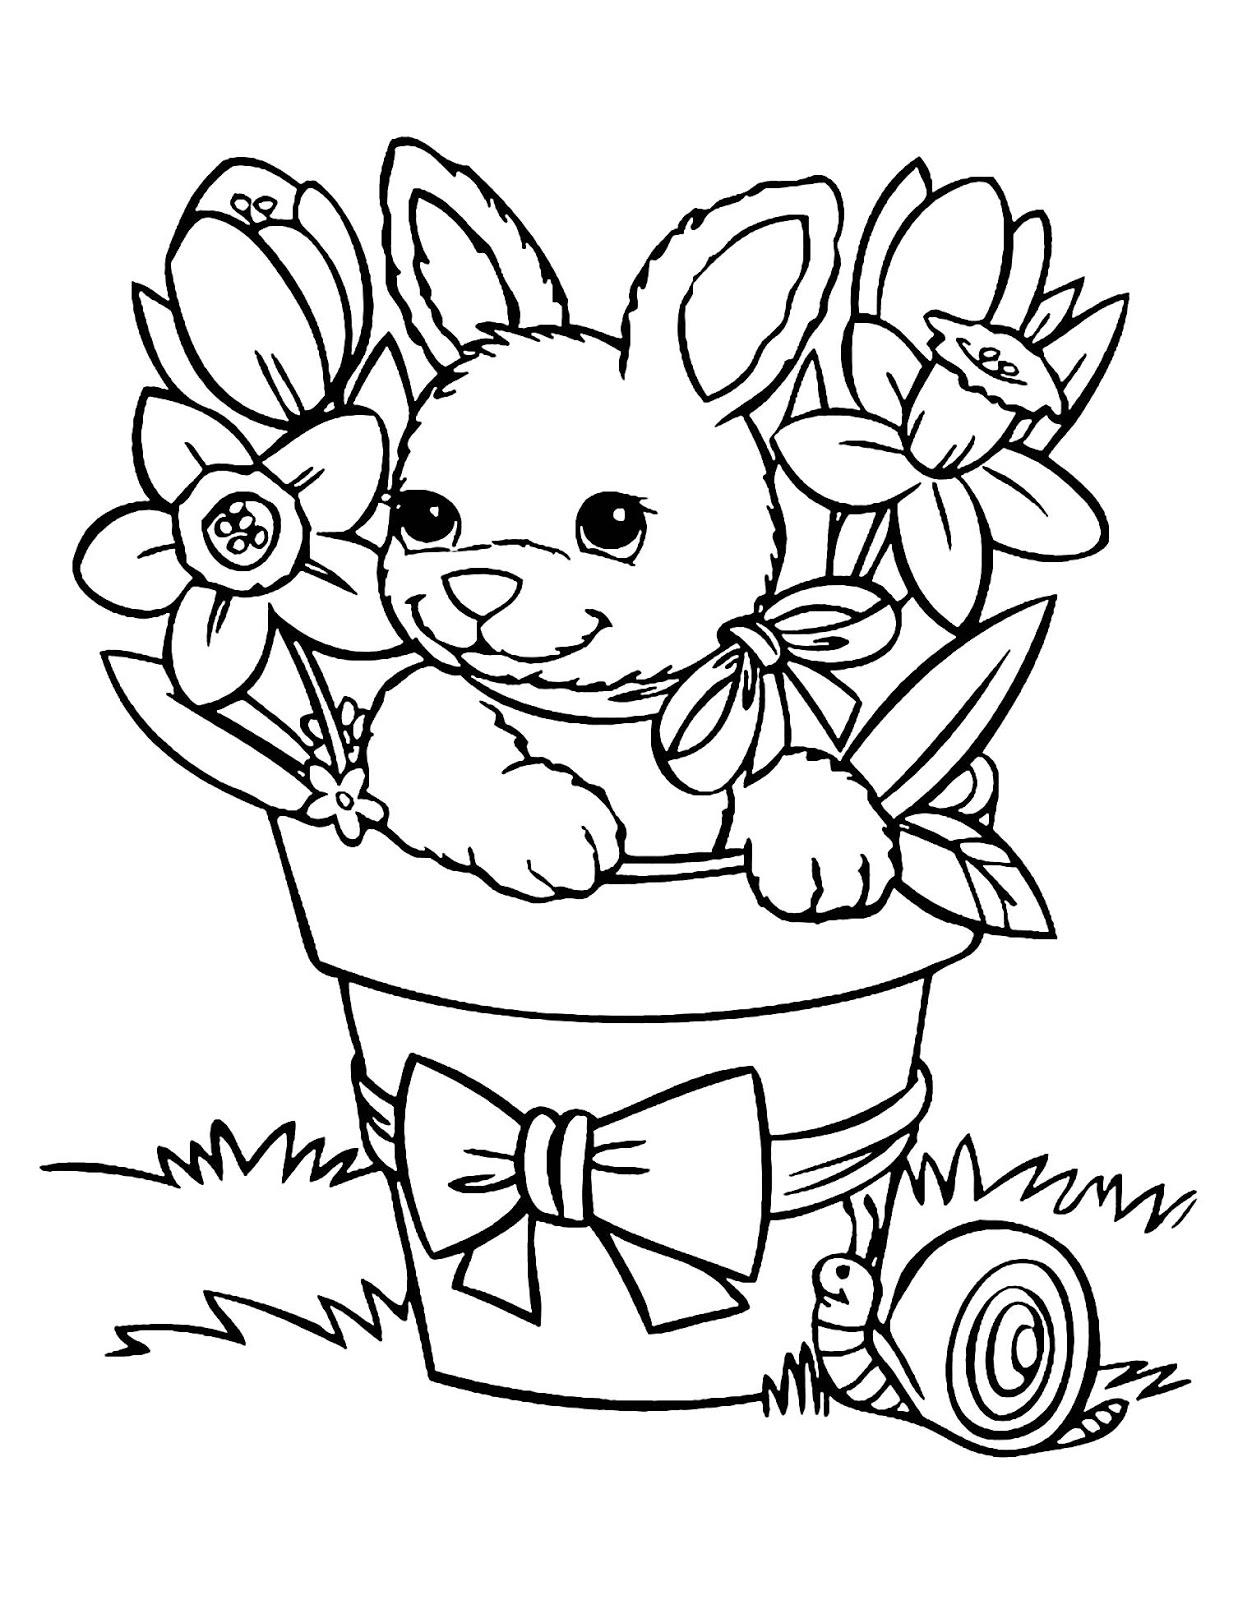 Tranh tô màu mùa xuân vui vẻ